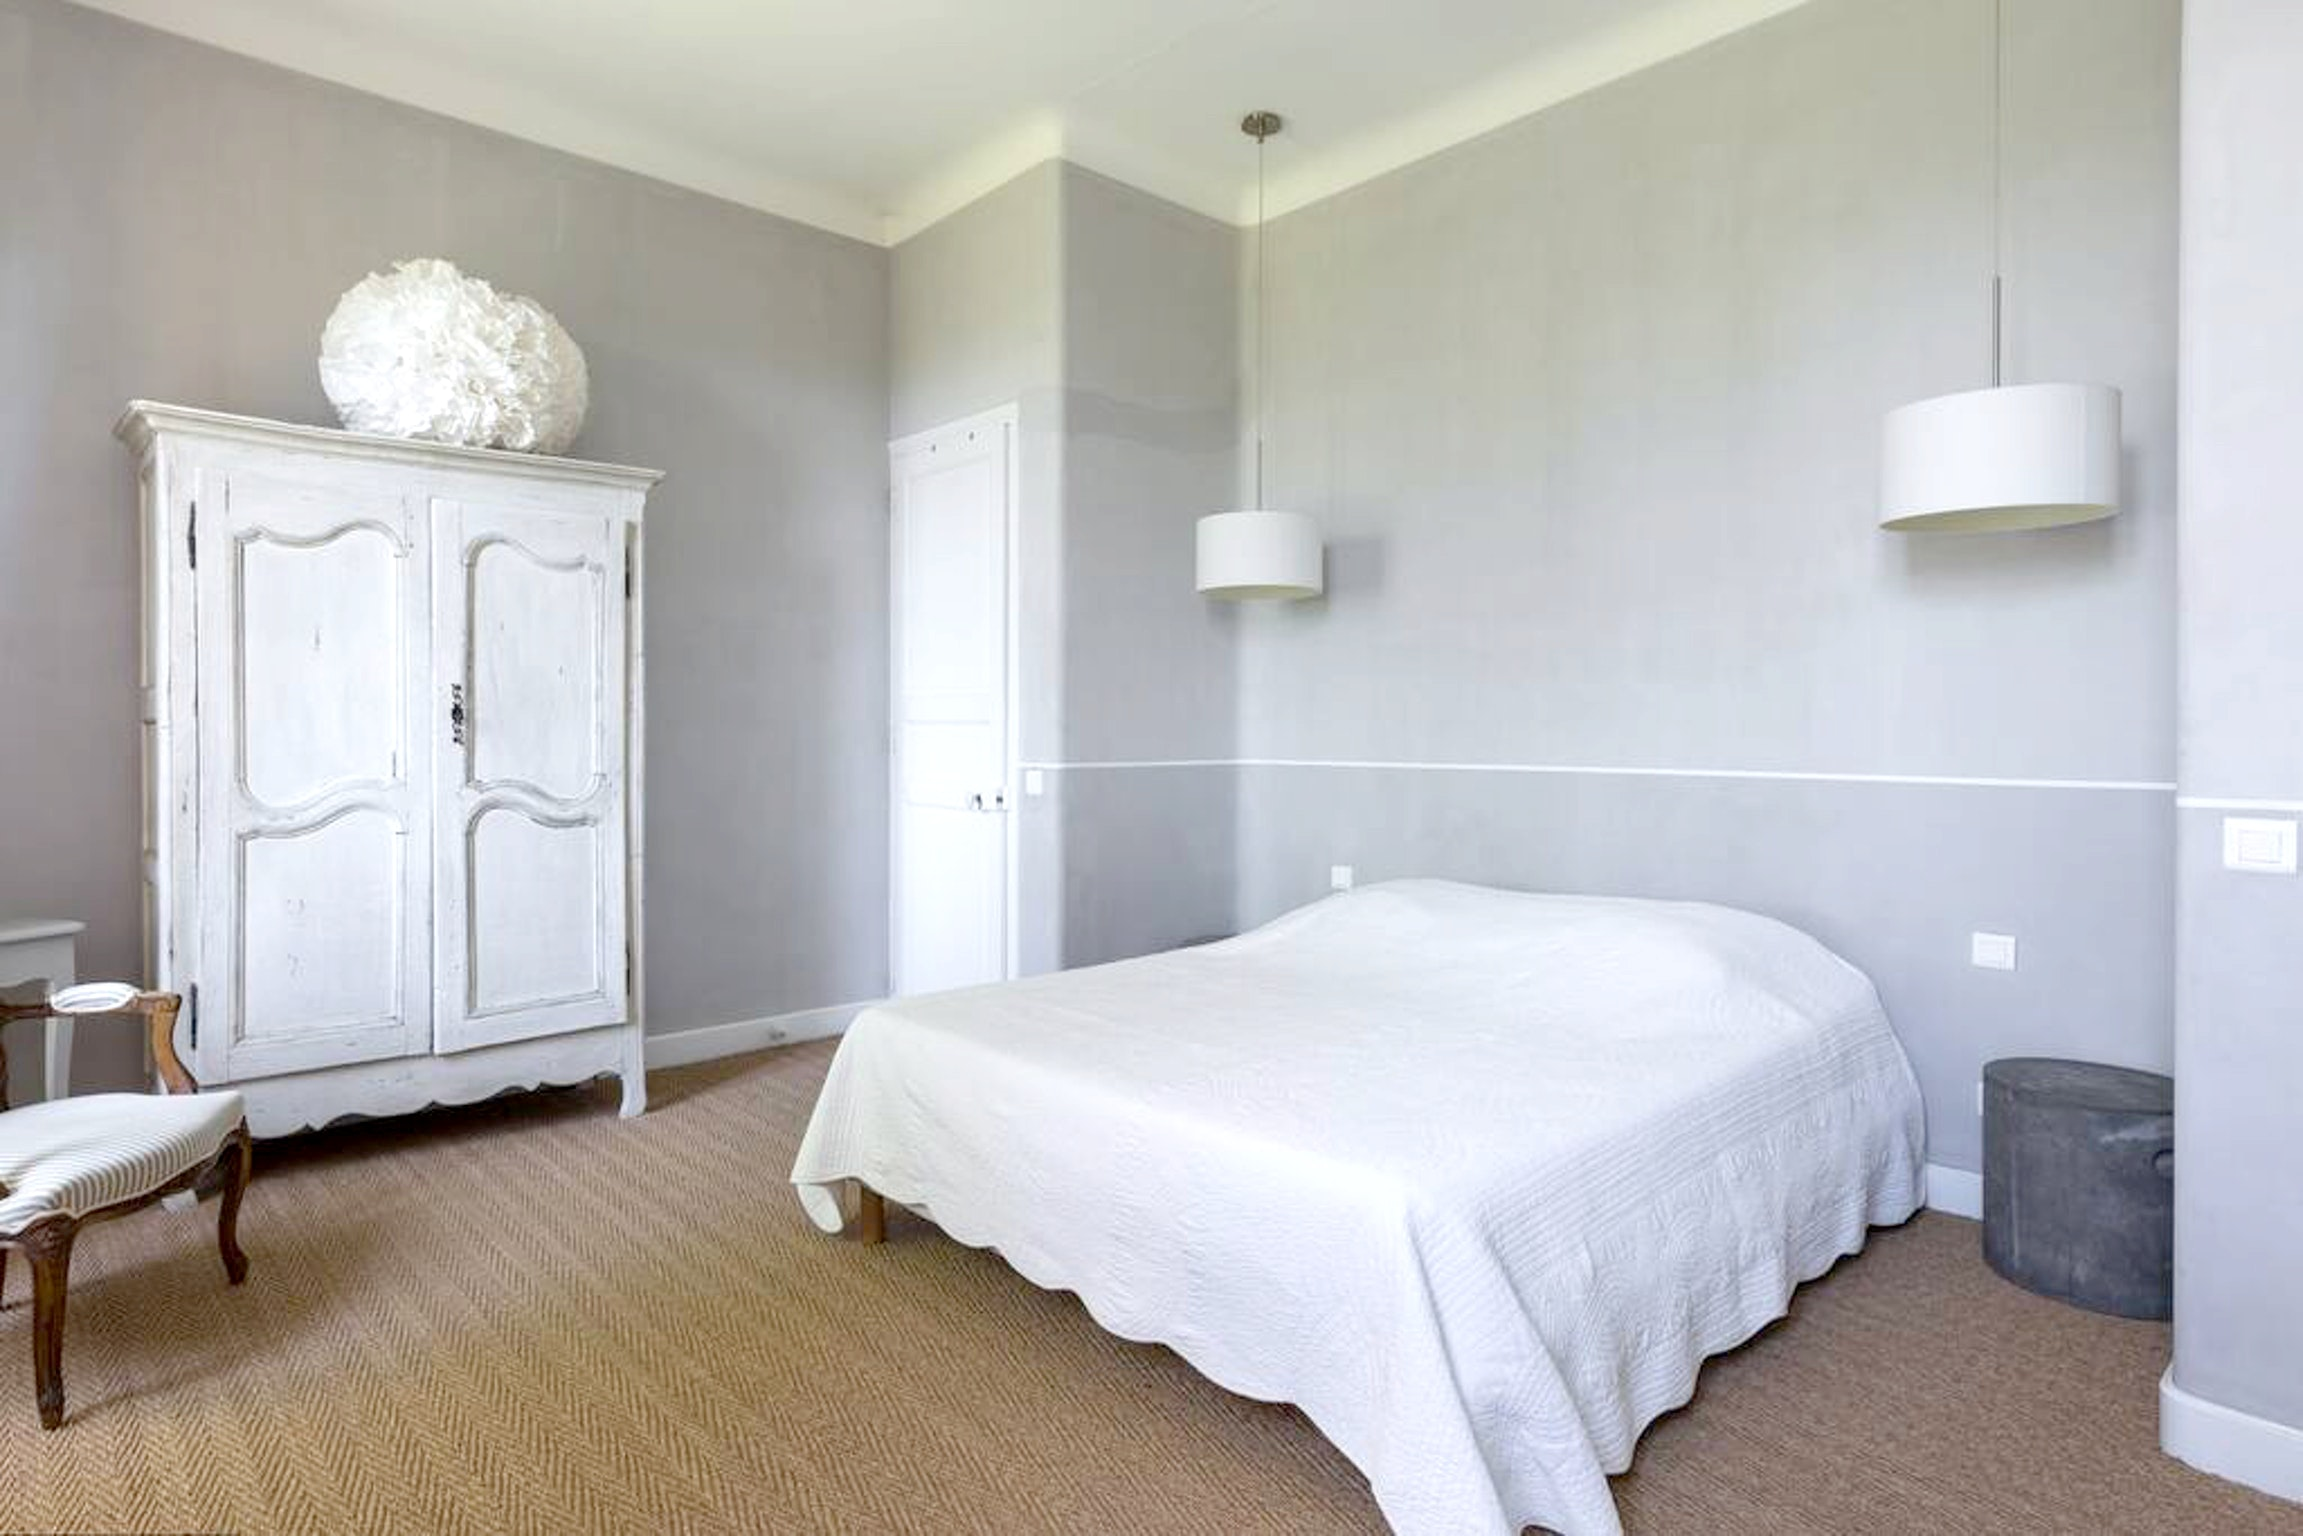 Maison de vacances Villa mit 6 Schlafzimmern in L'Isle-sur-la-Sorgue mit privatem Pool, möbliertem Garten und (2647203), L'Isle sur la Sorgue, Vaucluse, Provence - Alpes - Côte d'Azur, France, image 27